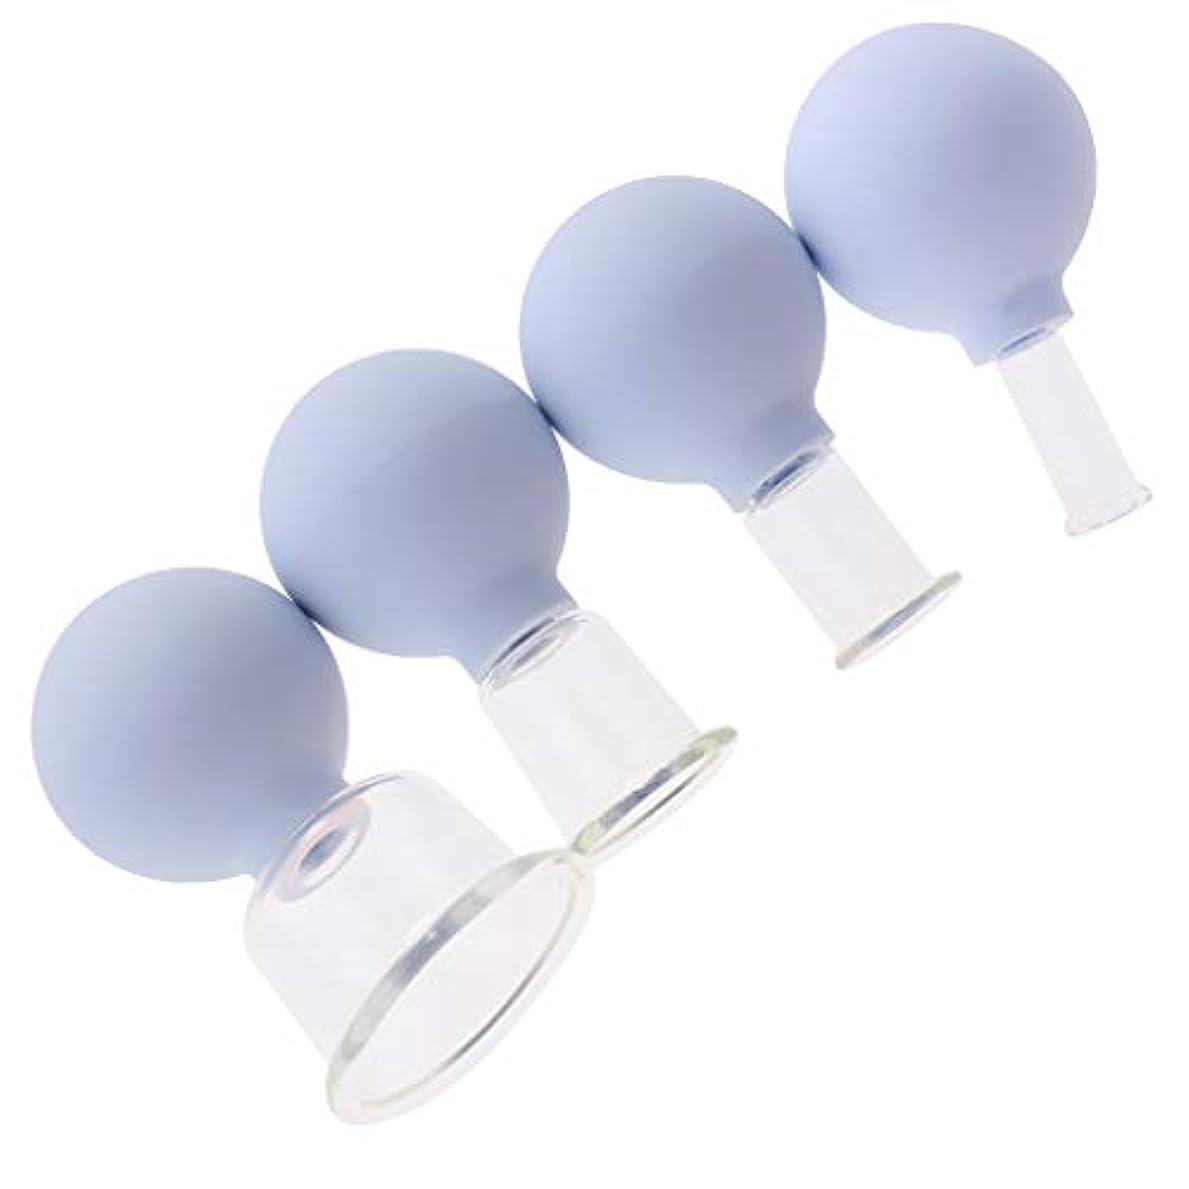 矢印印象的放棄D DOLITY マッサージカップ 吸い玉 カッピングセット ガラスカッピング 真空 男女兼用 ギフト 4個 全3色 - 白